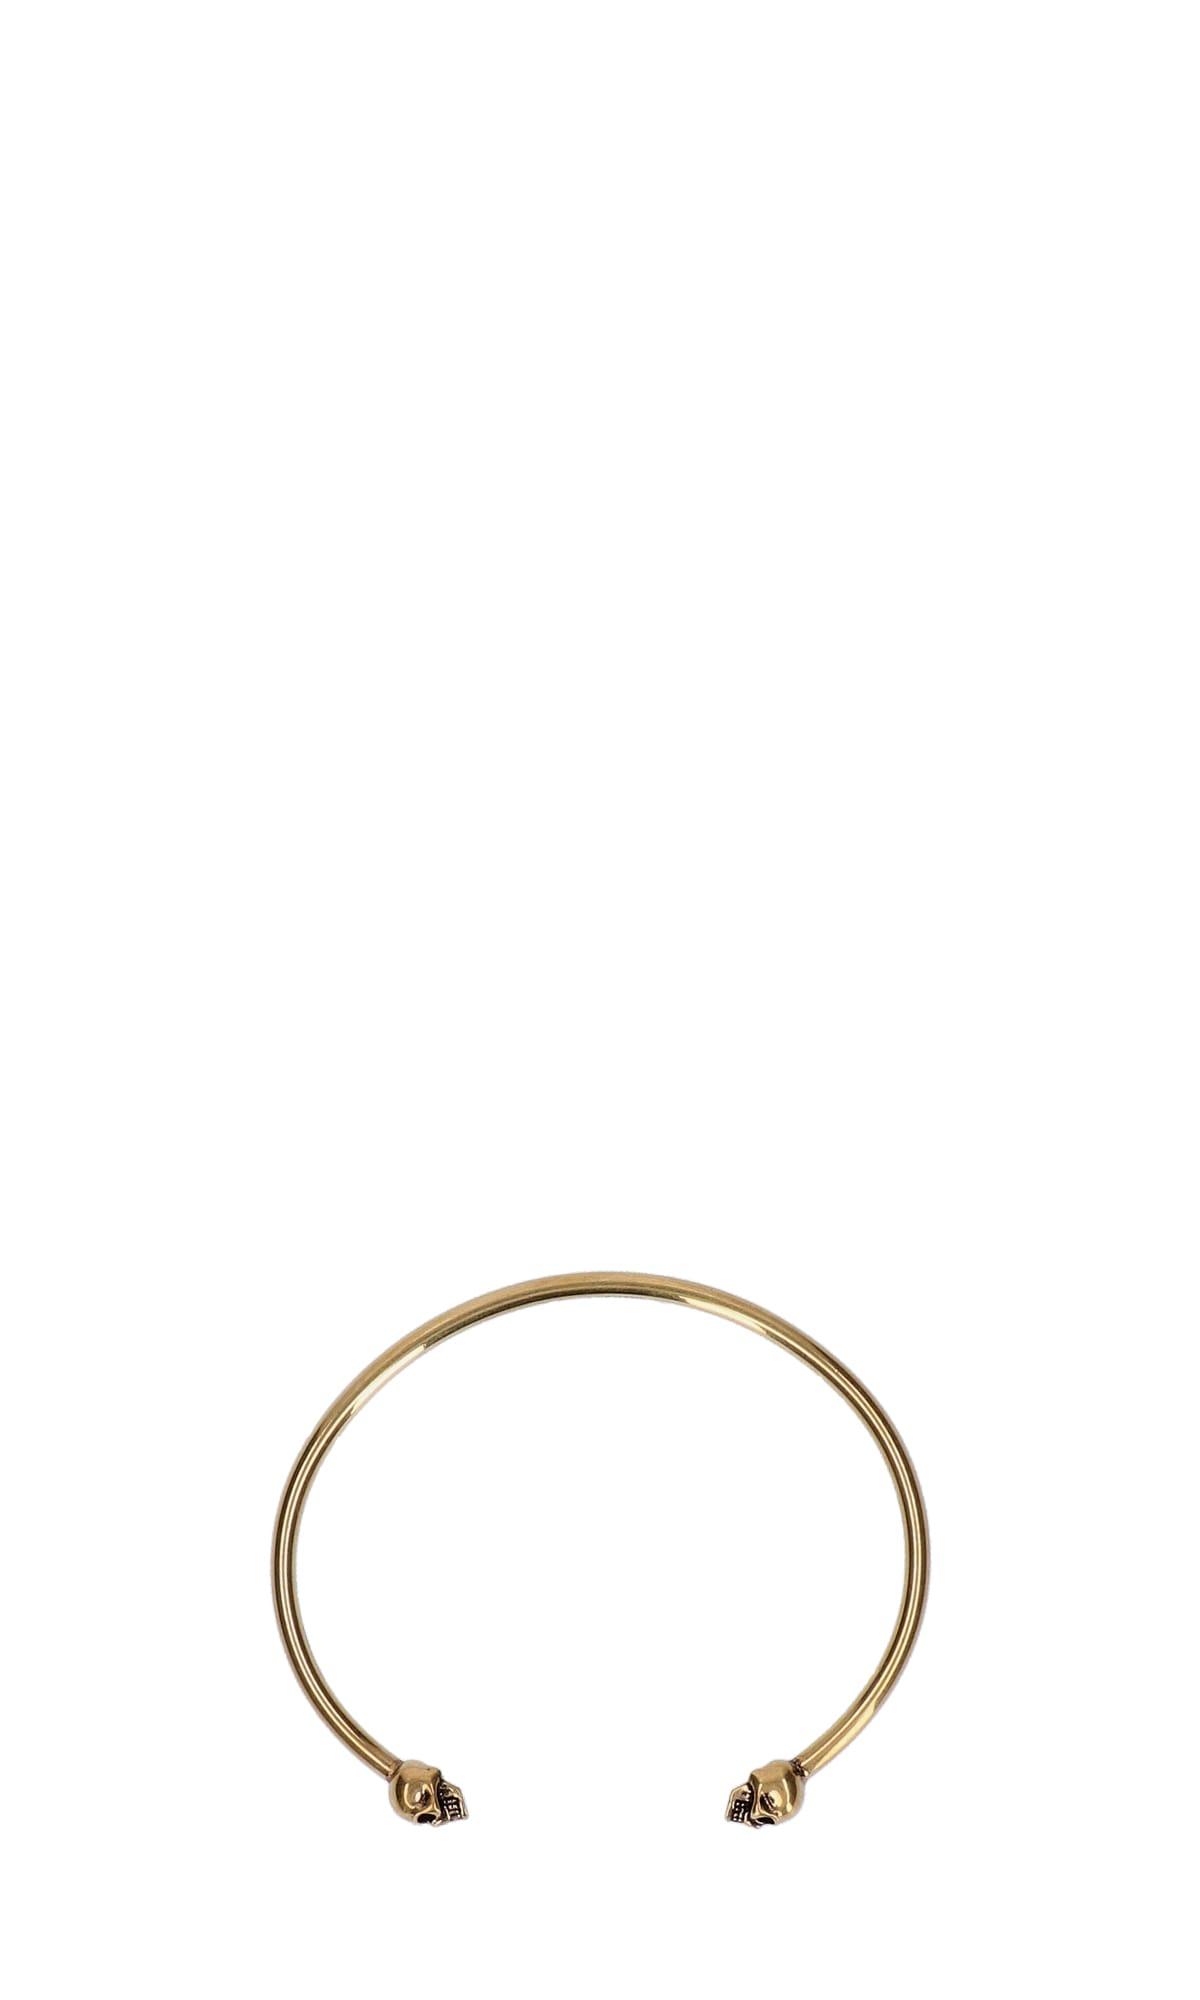 Alexander McQueen Jewelry